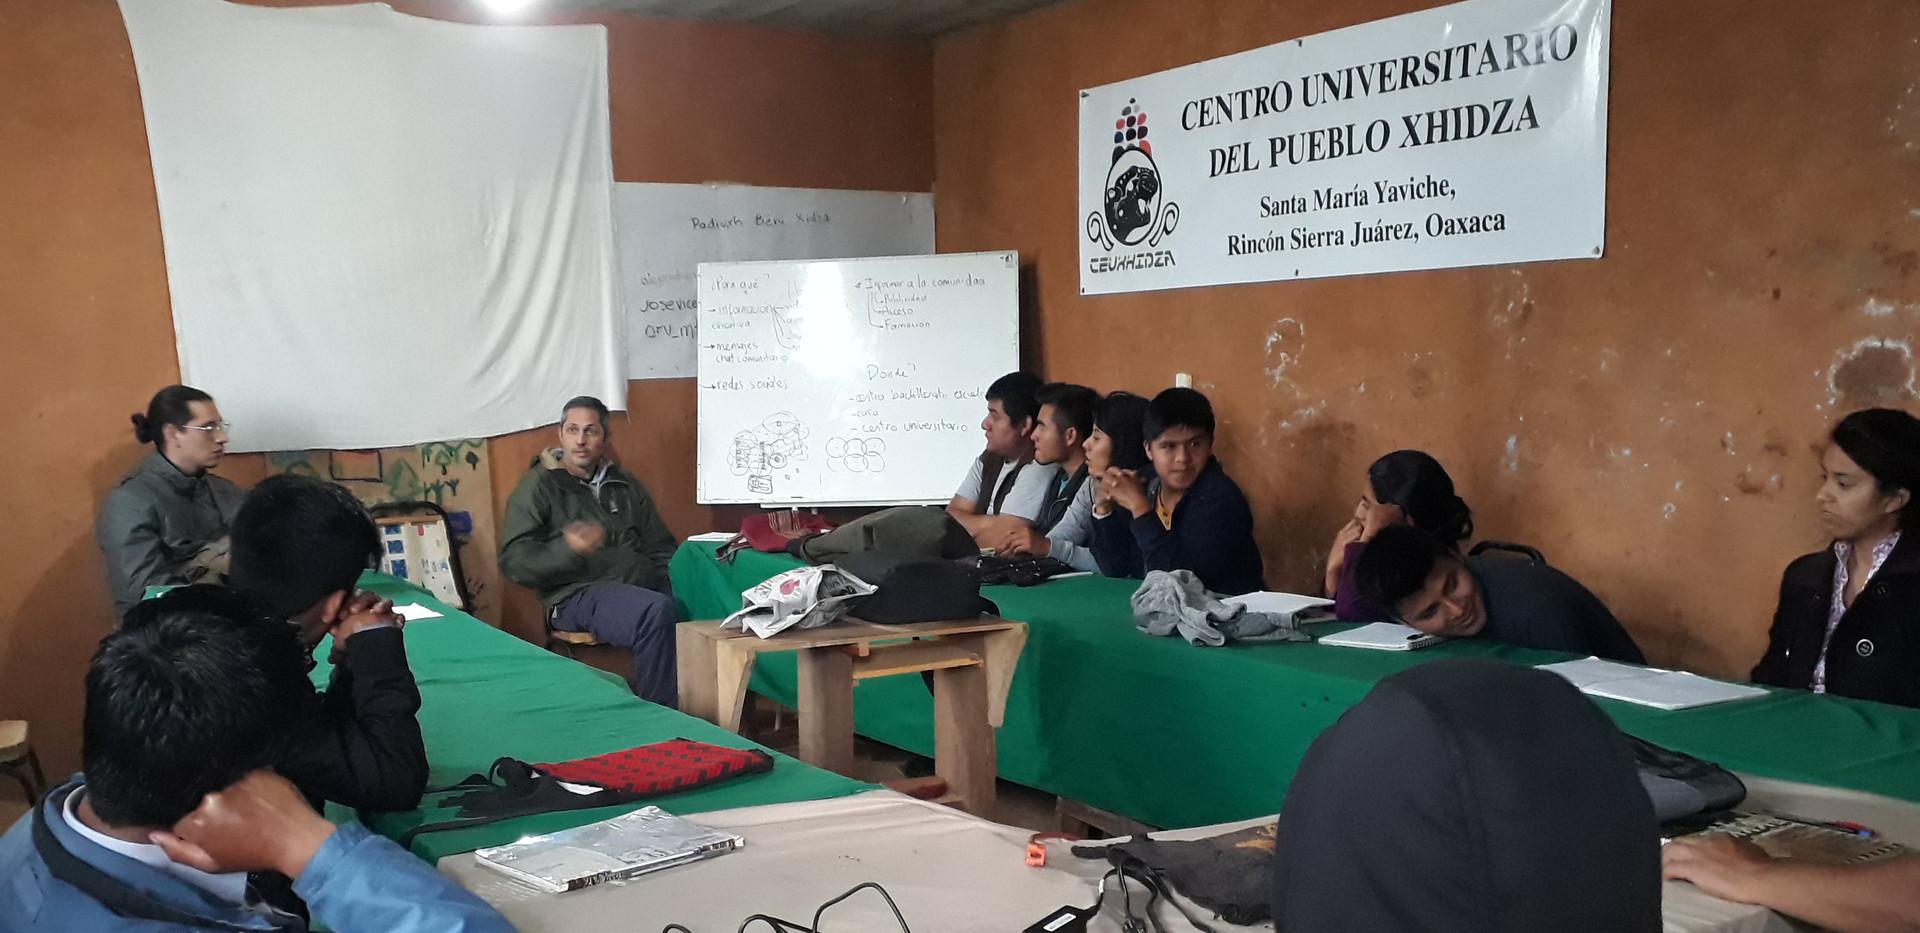 Santa María Yaviche, Oaxaca